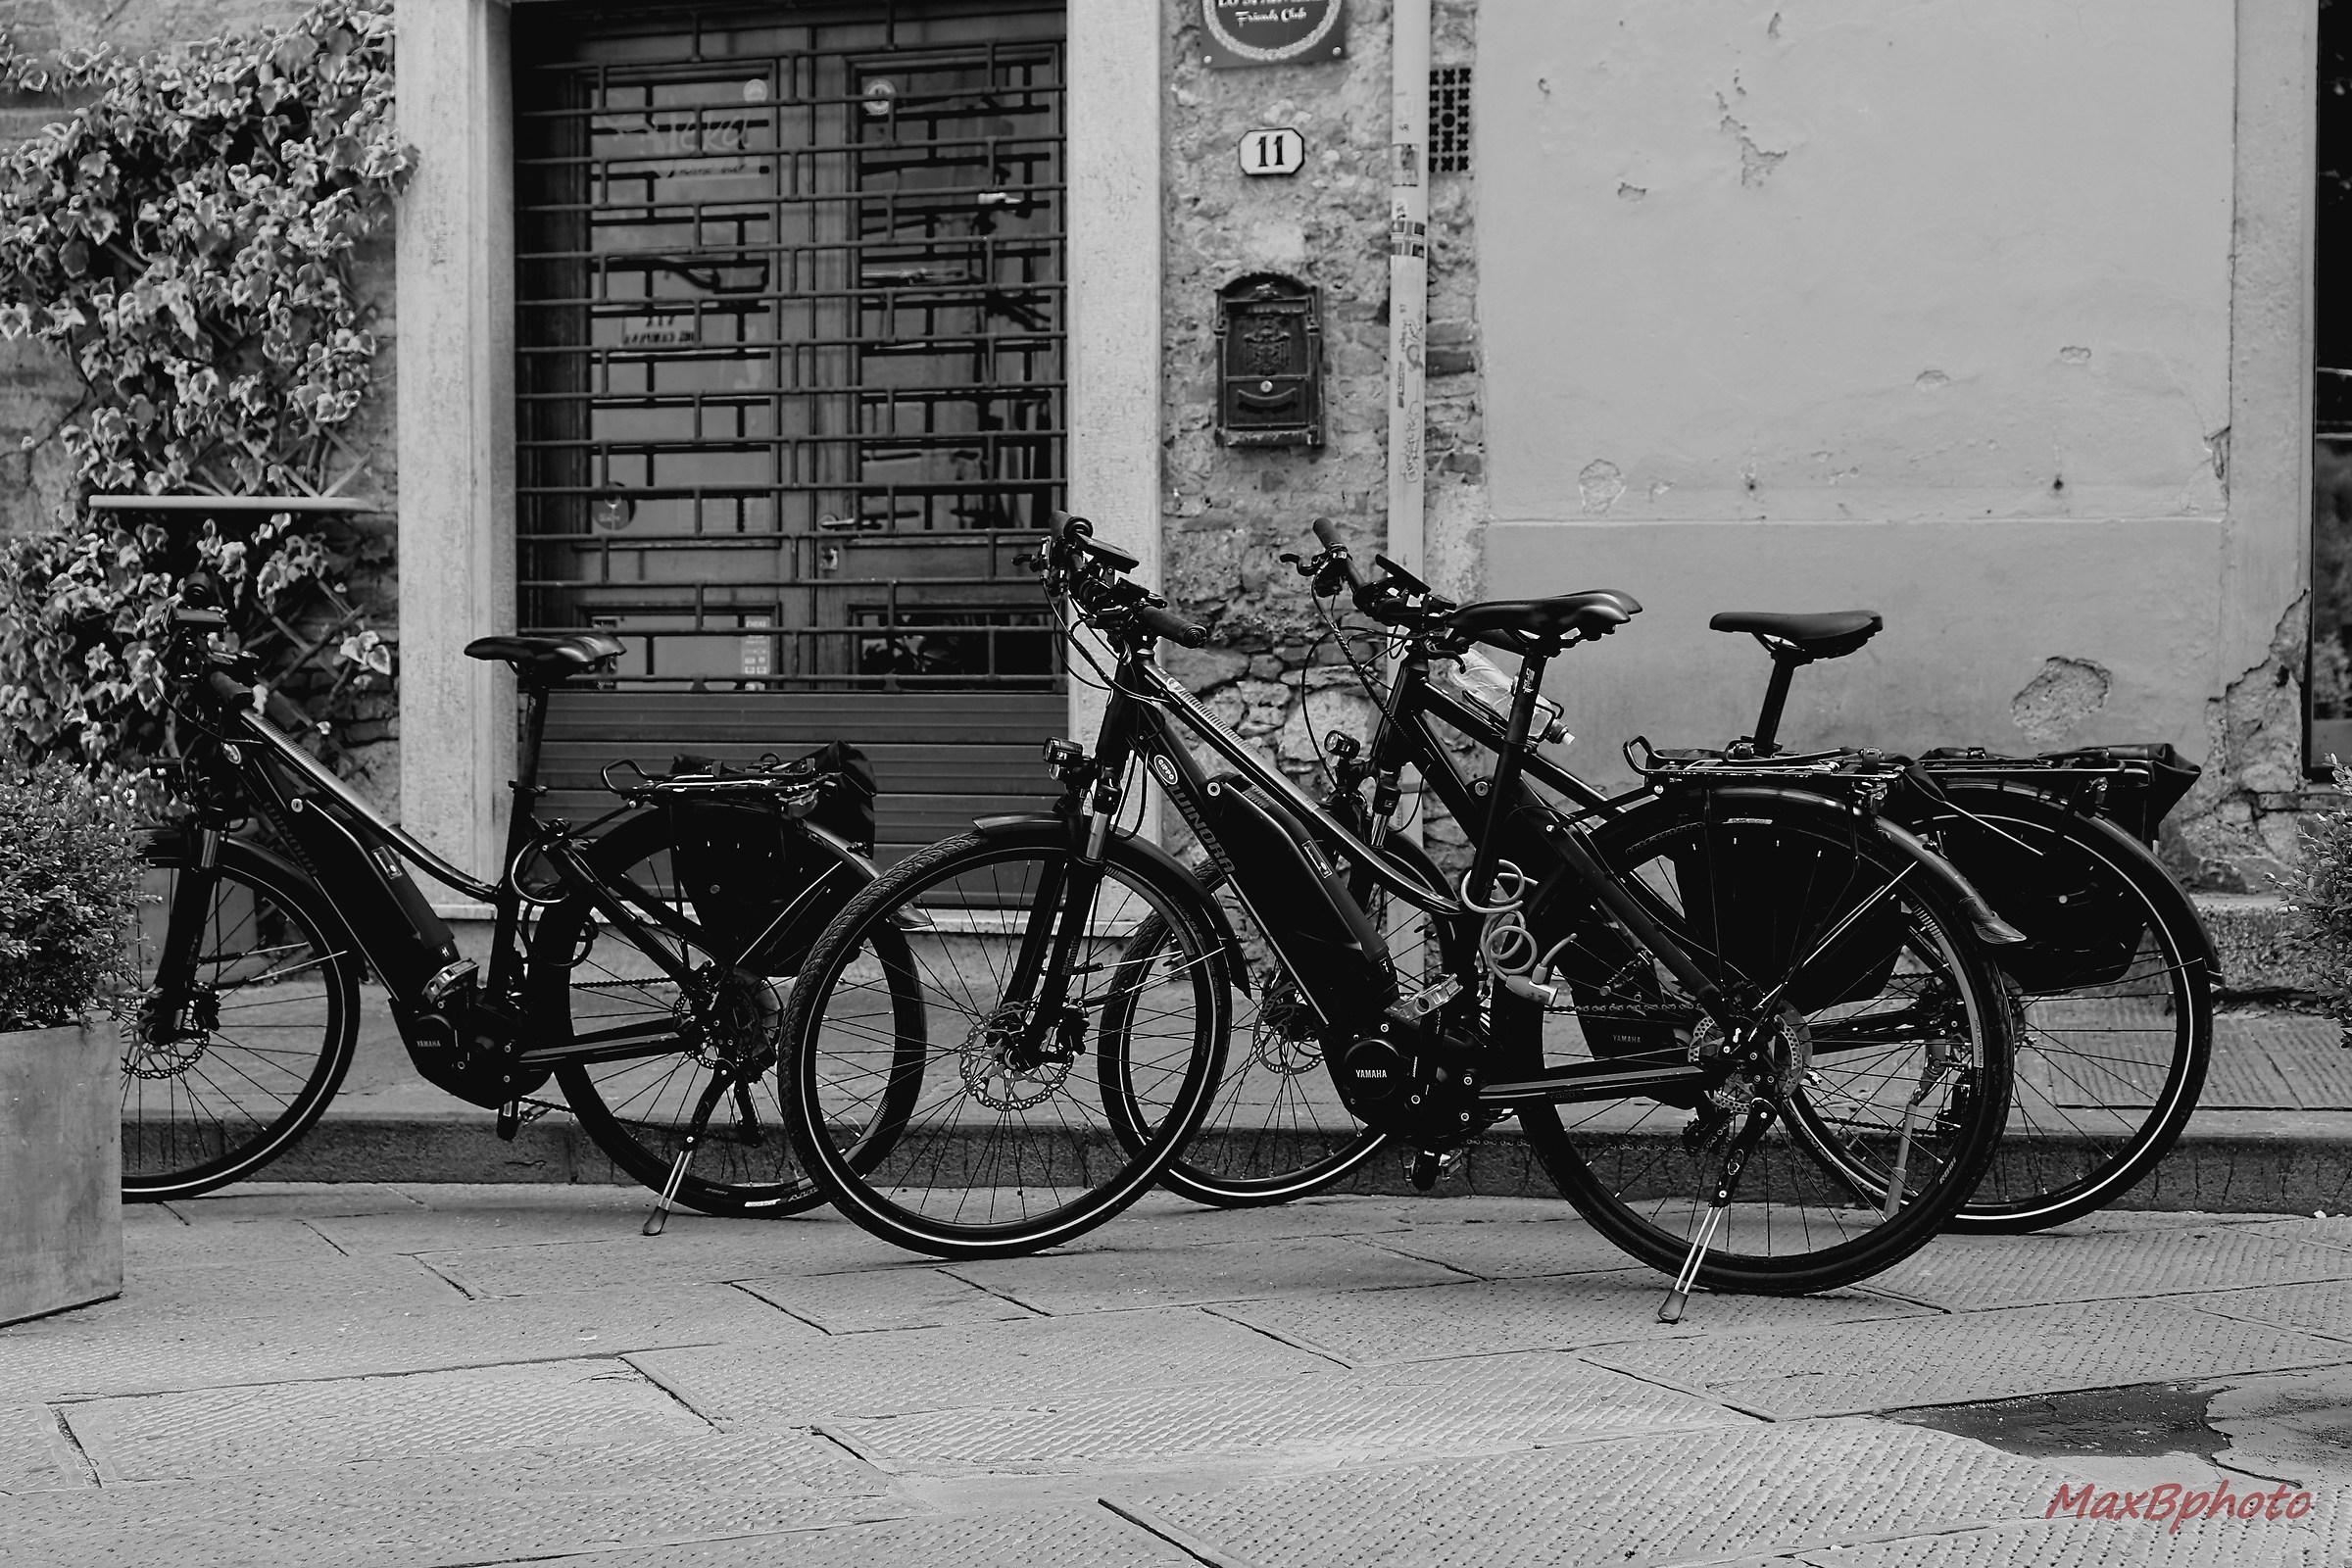 Bike Waiting...